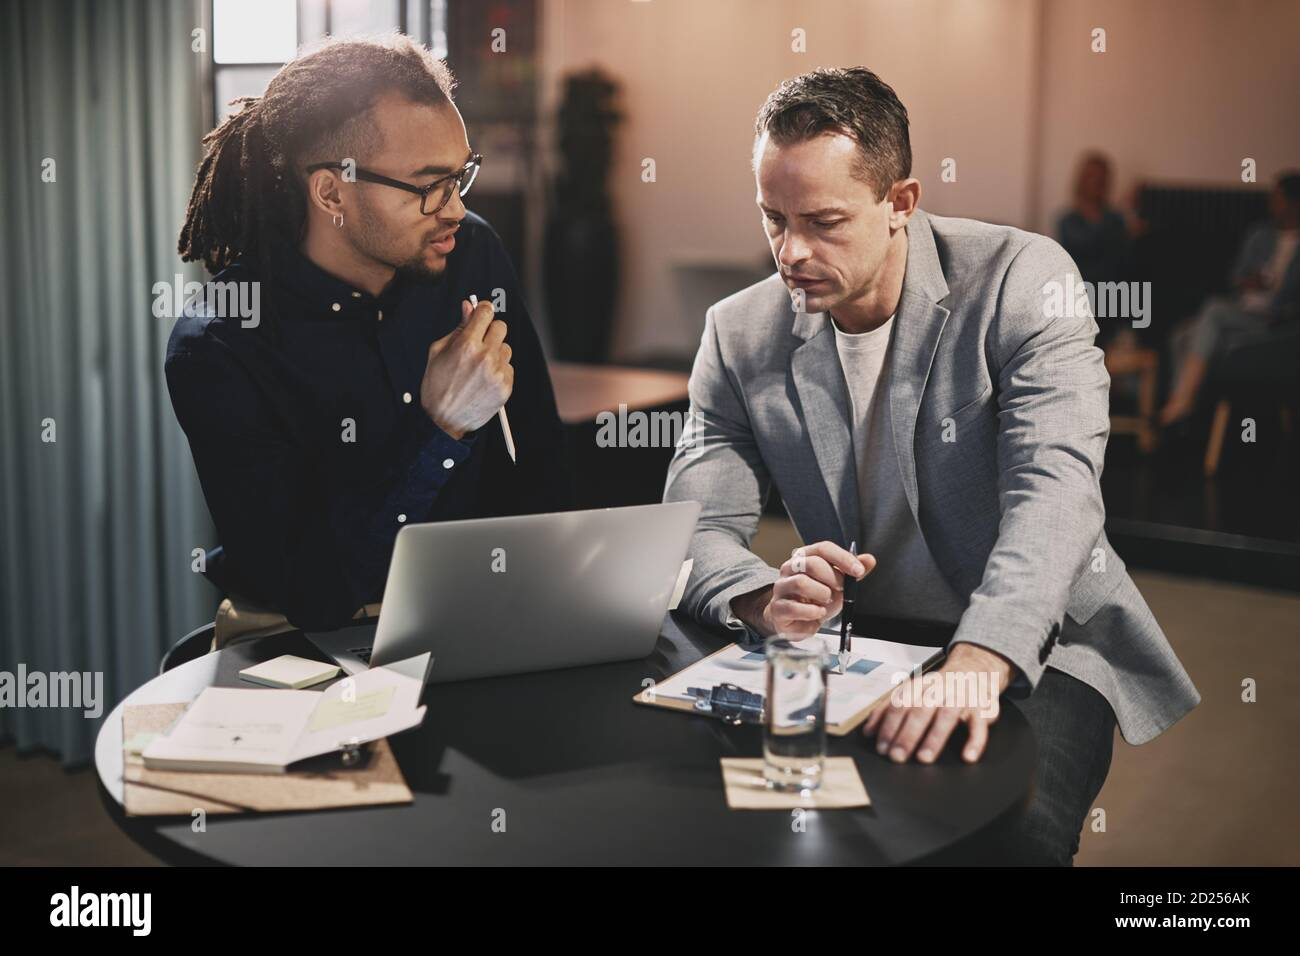 Deux hommes d'affaires différents parlent ensemble sur un ordinateur portable tout en travaillant à une table dans un bureau Banque D'Images